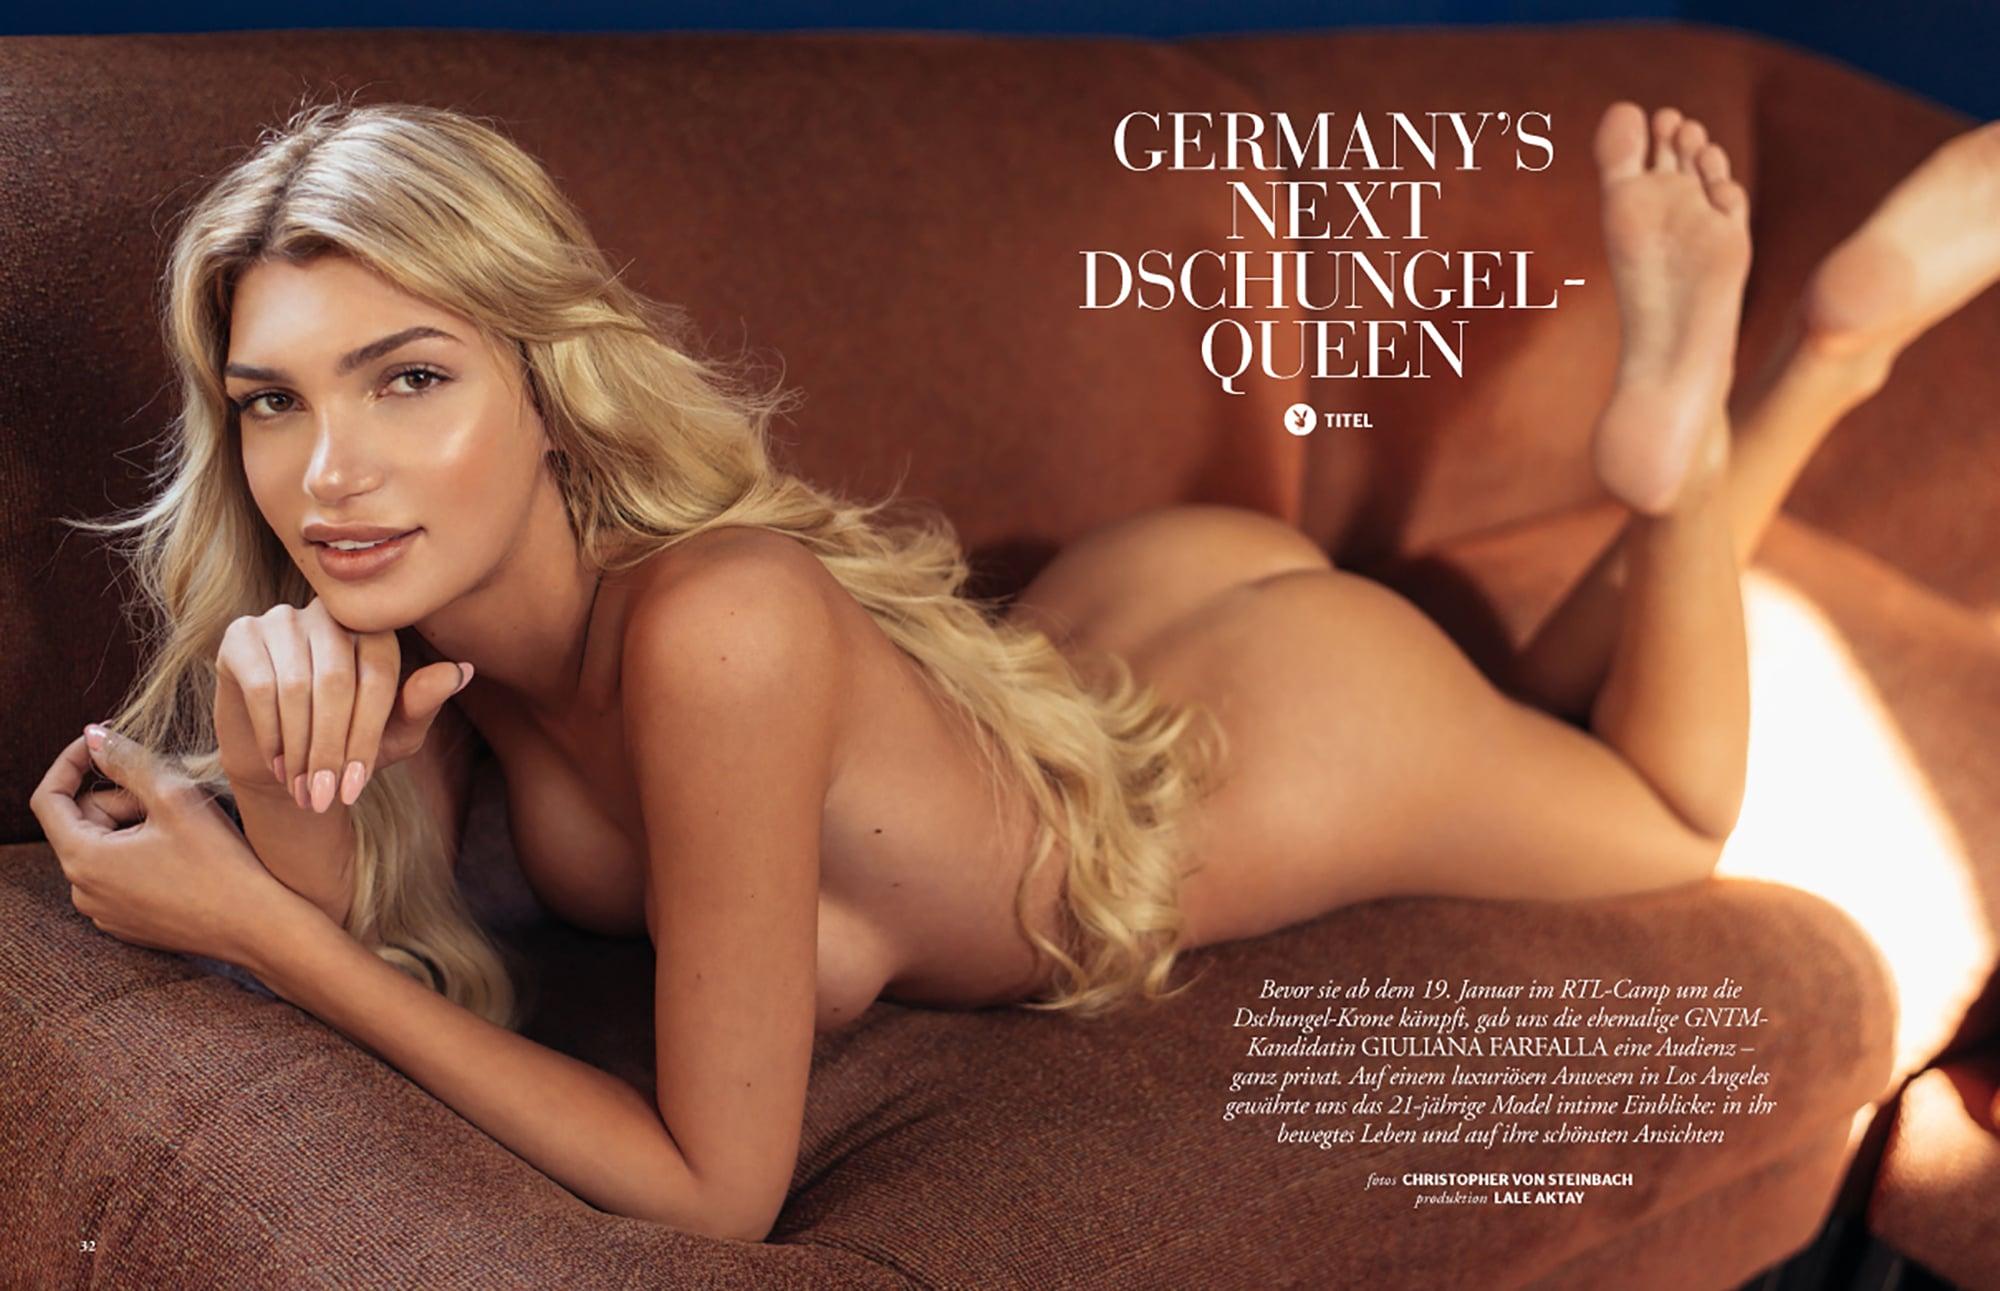 Giuliana Farfalla auf dem Cover des